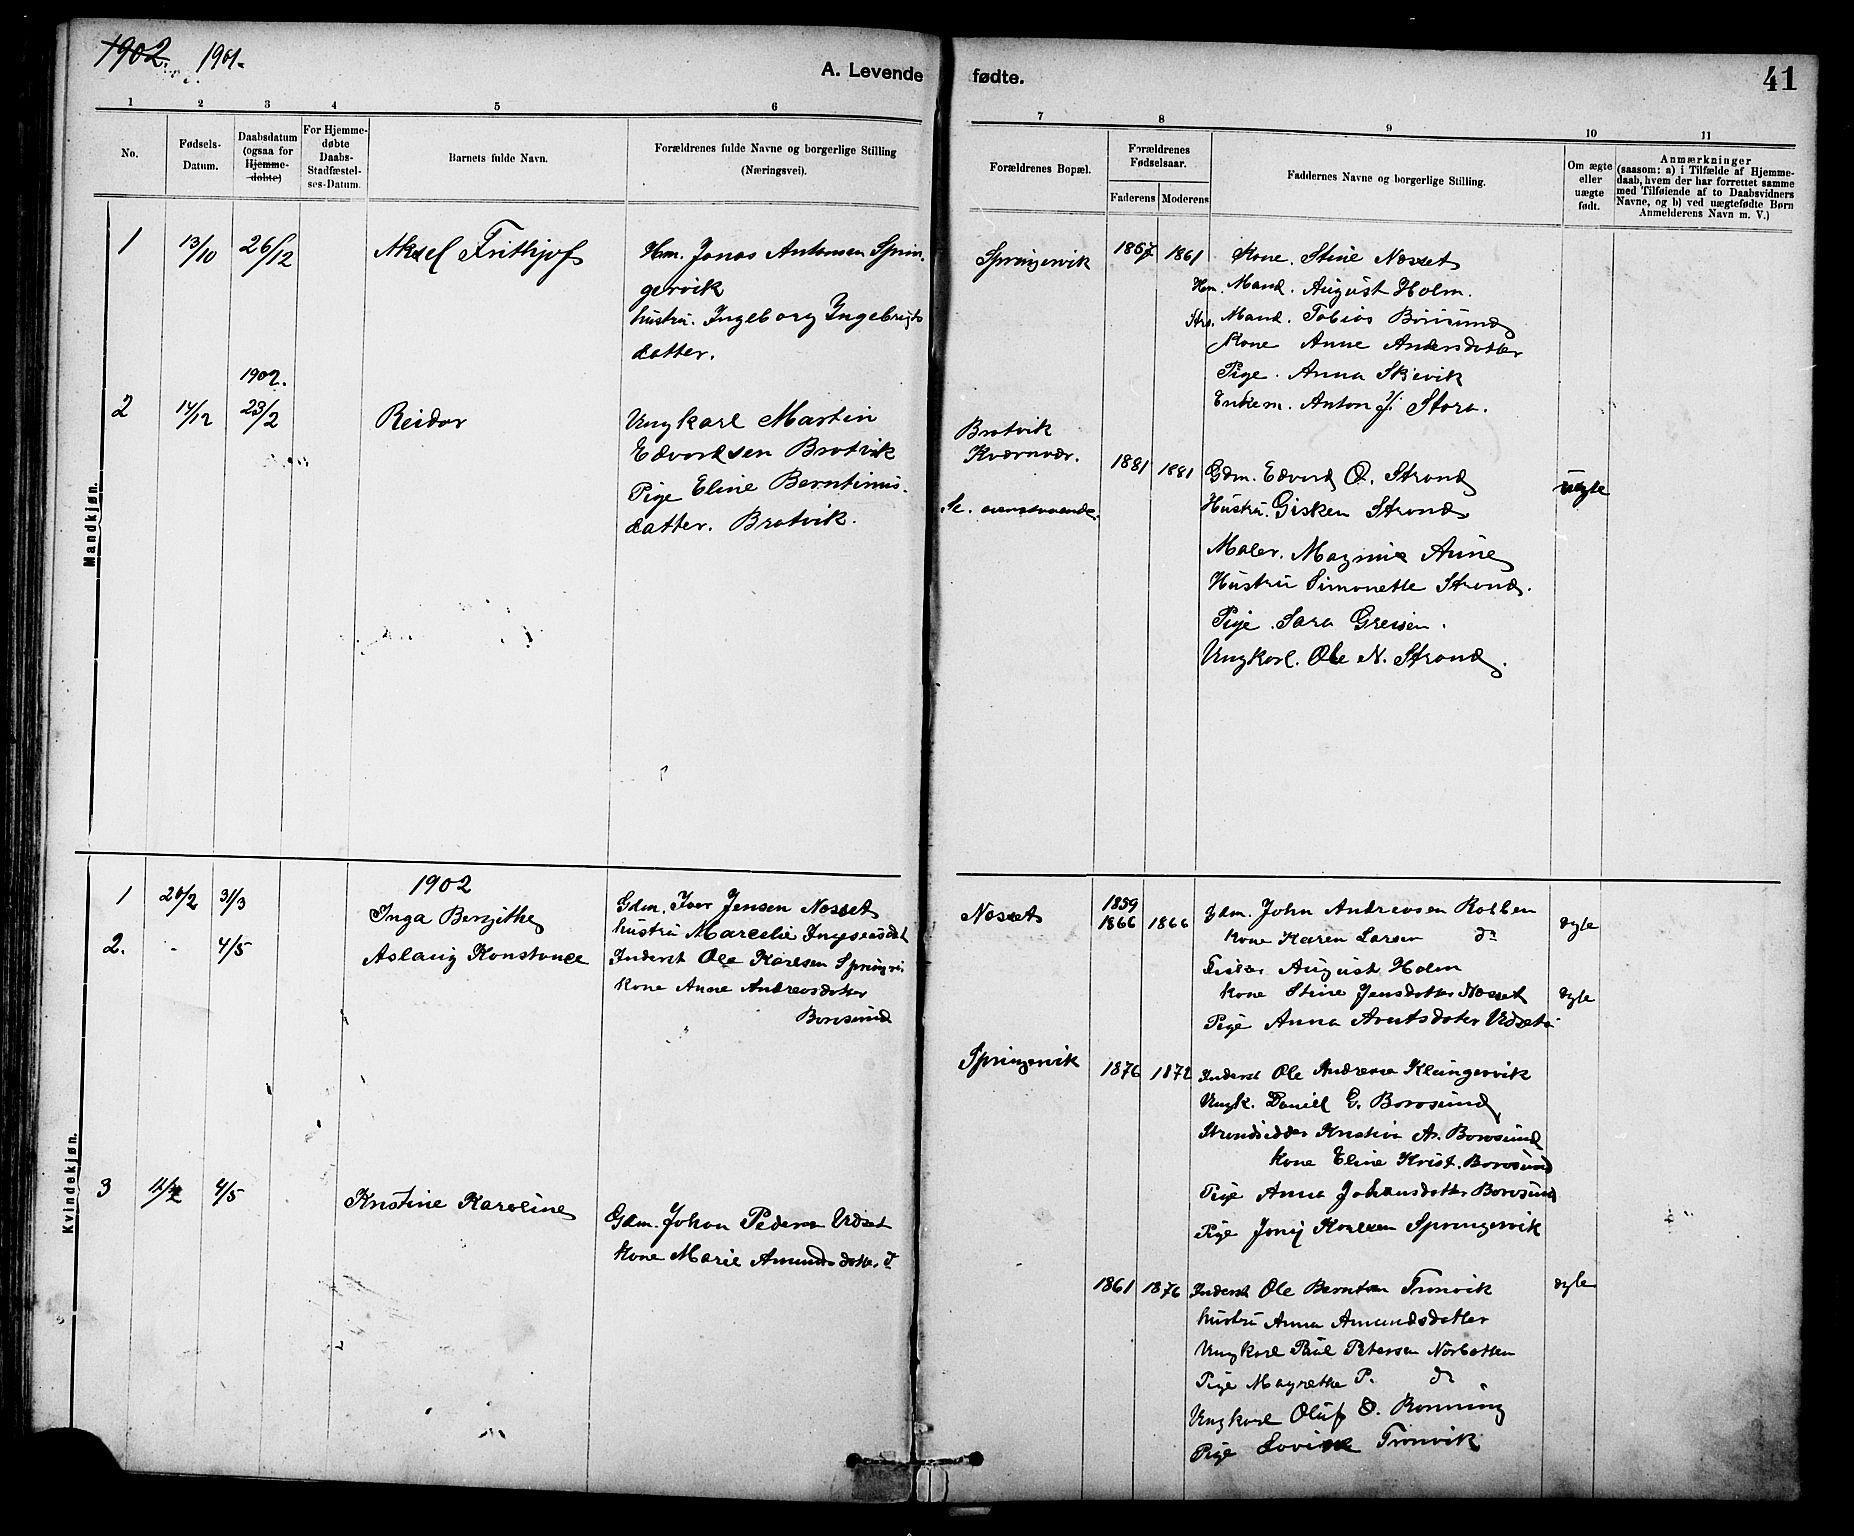 SAT, Ministerialprotokoller, klokkerbøker og fødselsregistre - Sør-Trøndelag, 639/L0573: Klokkerbok nr. 639C01, 1890-1905, s. 41